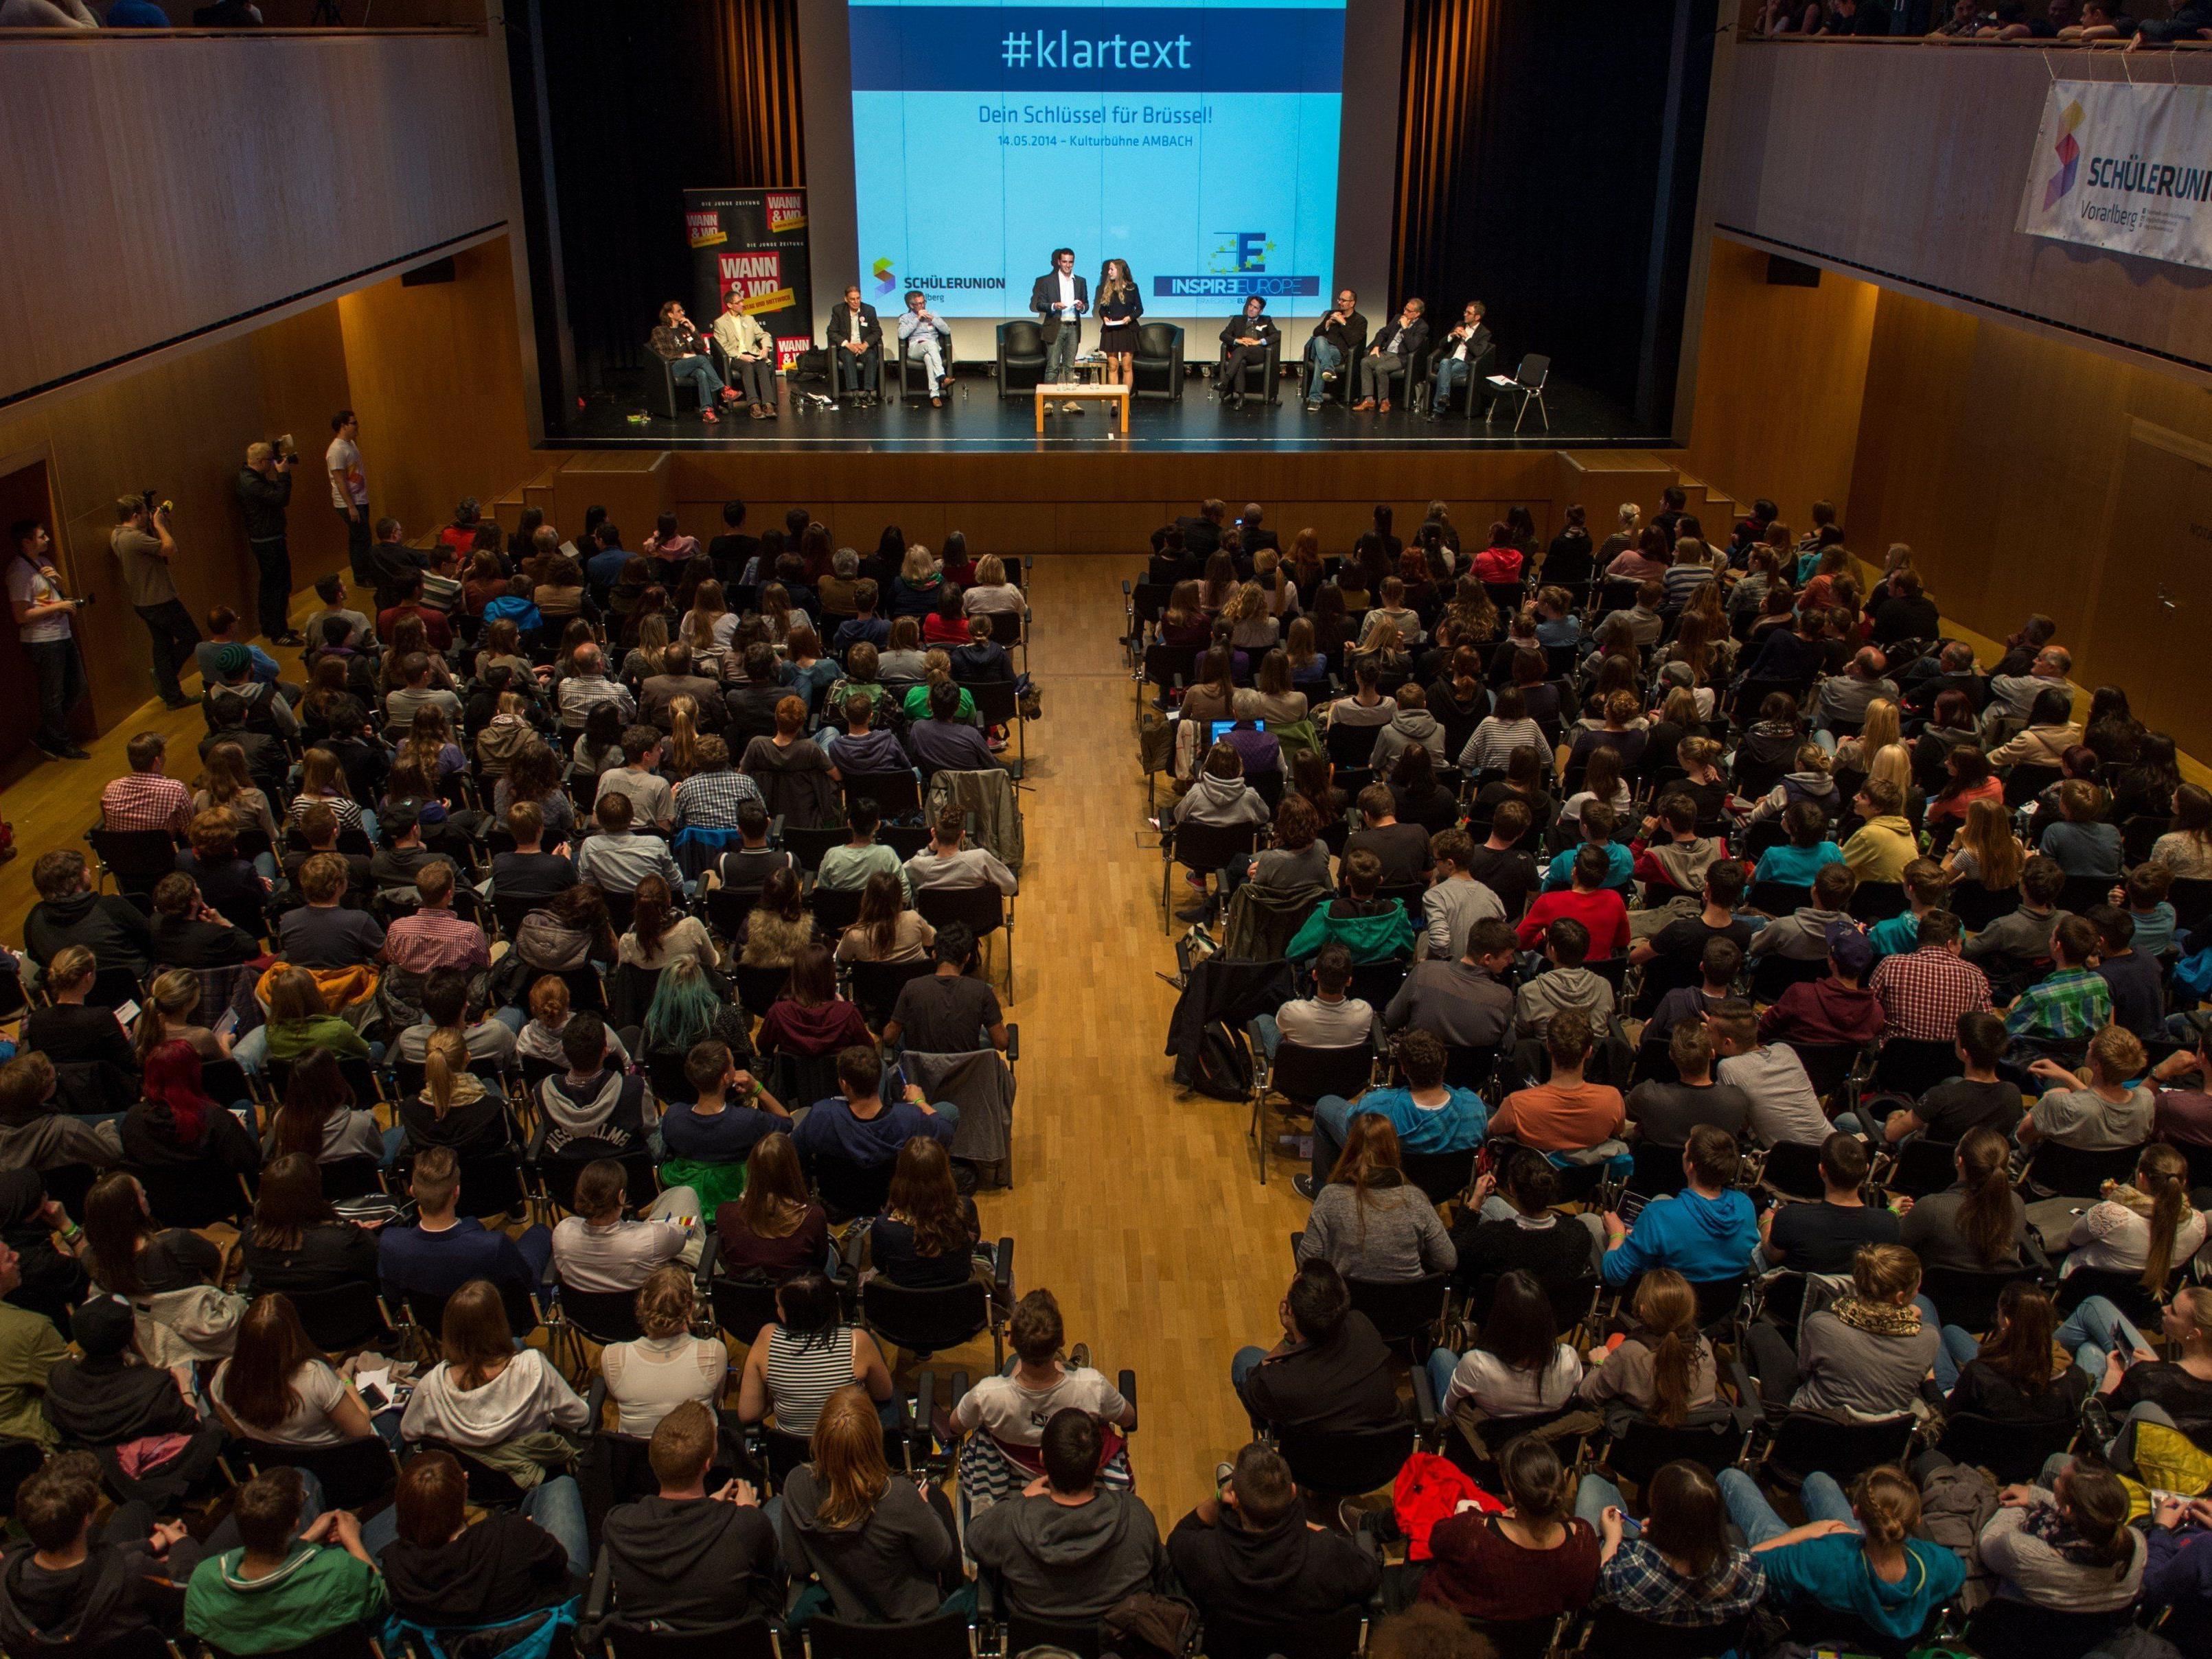 Die Schülerunion organisiert eine Podiumsdiskussion mit den Spitzenkandidaten.